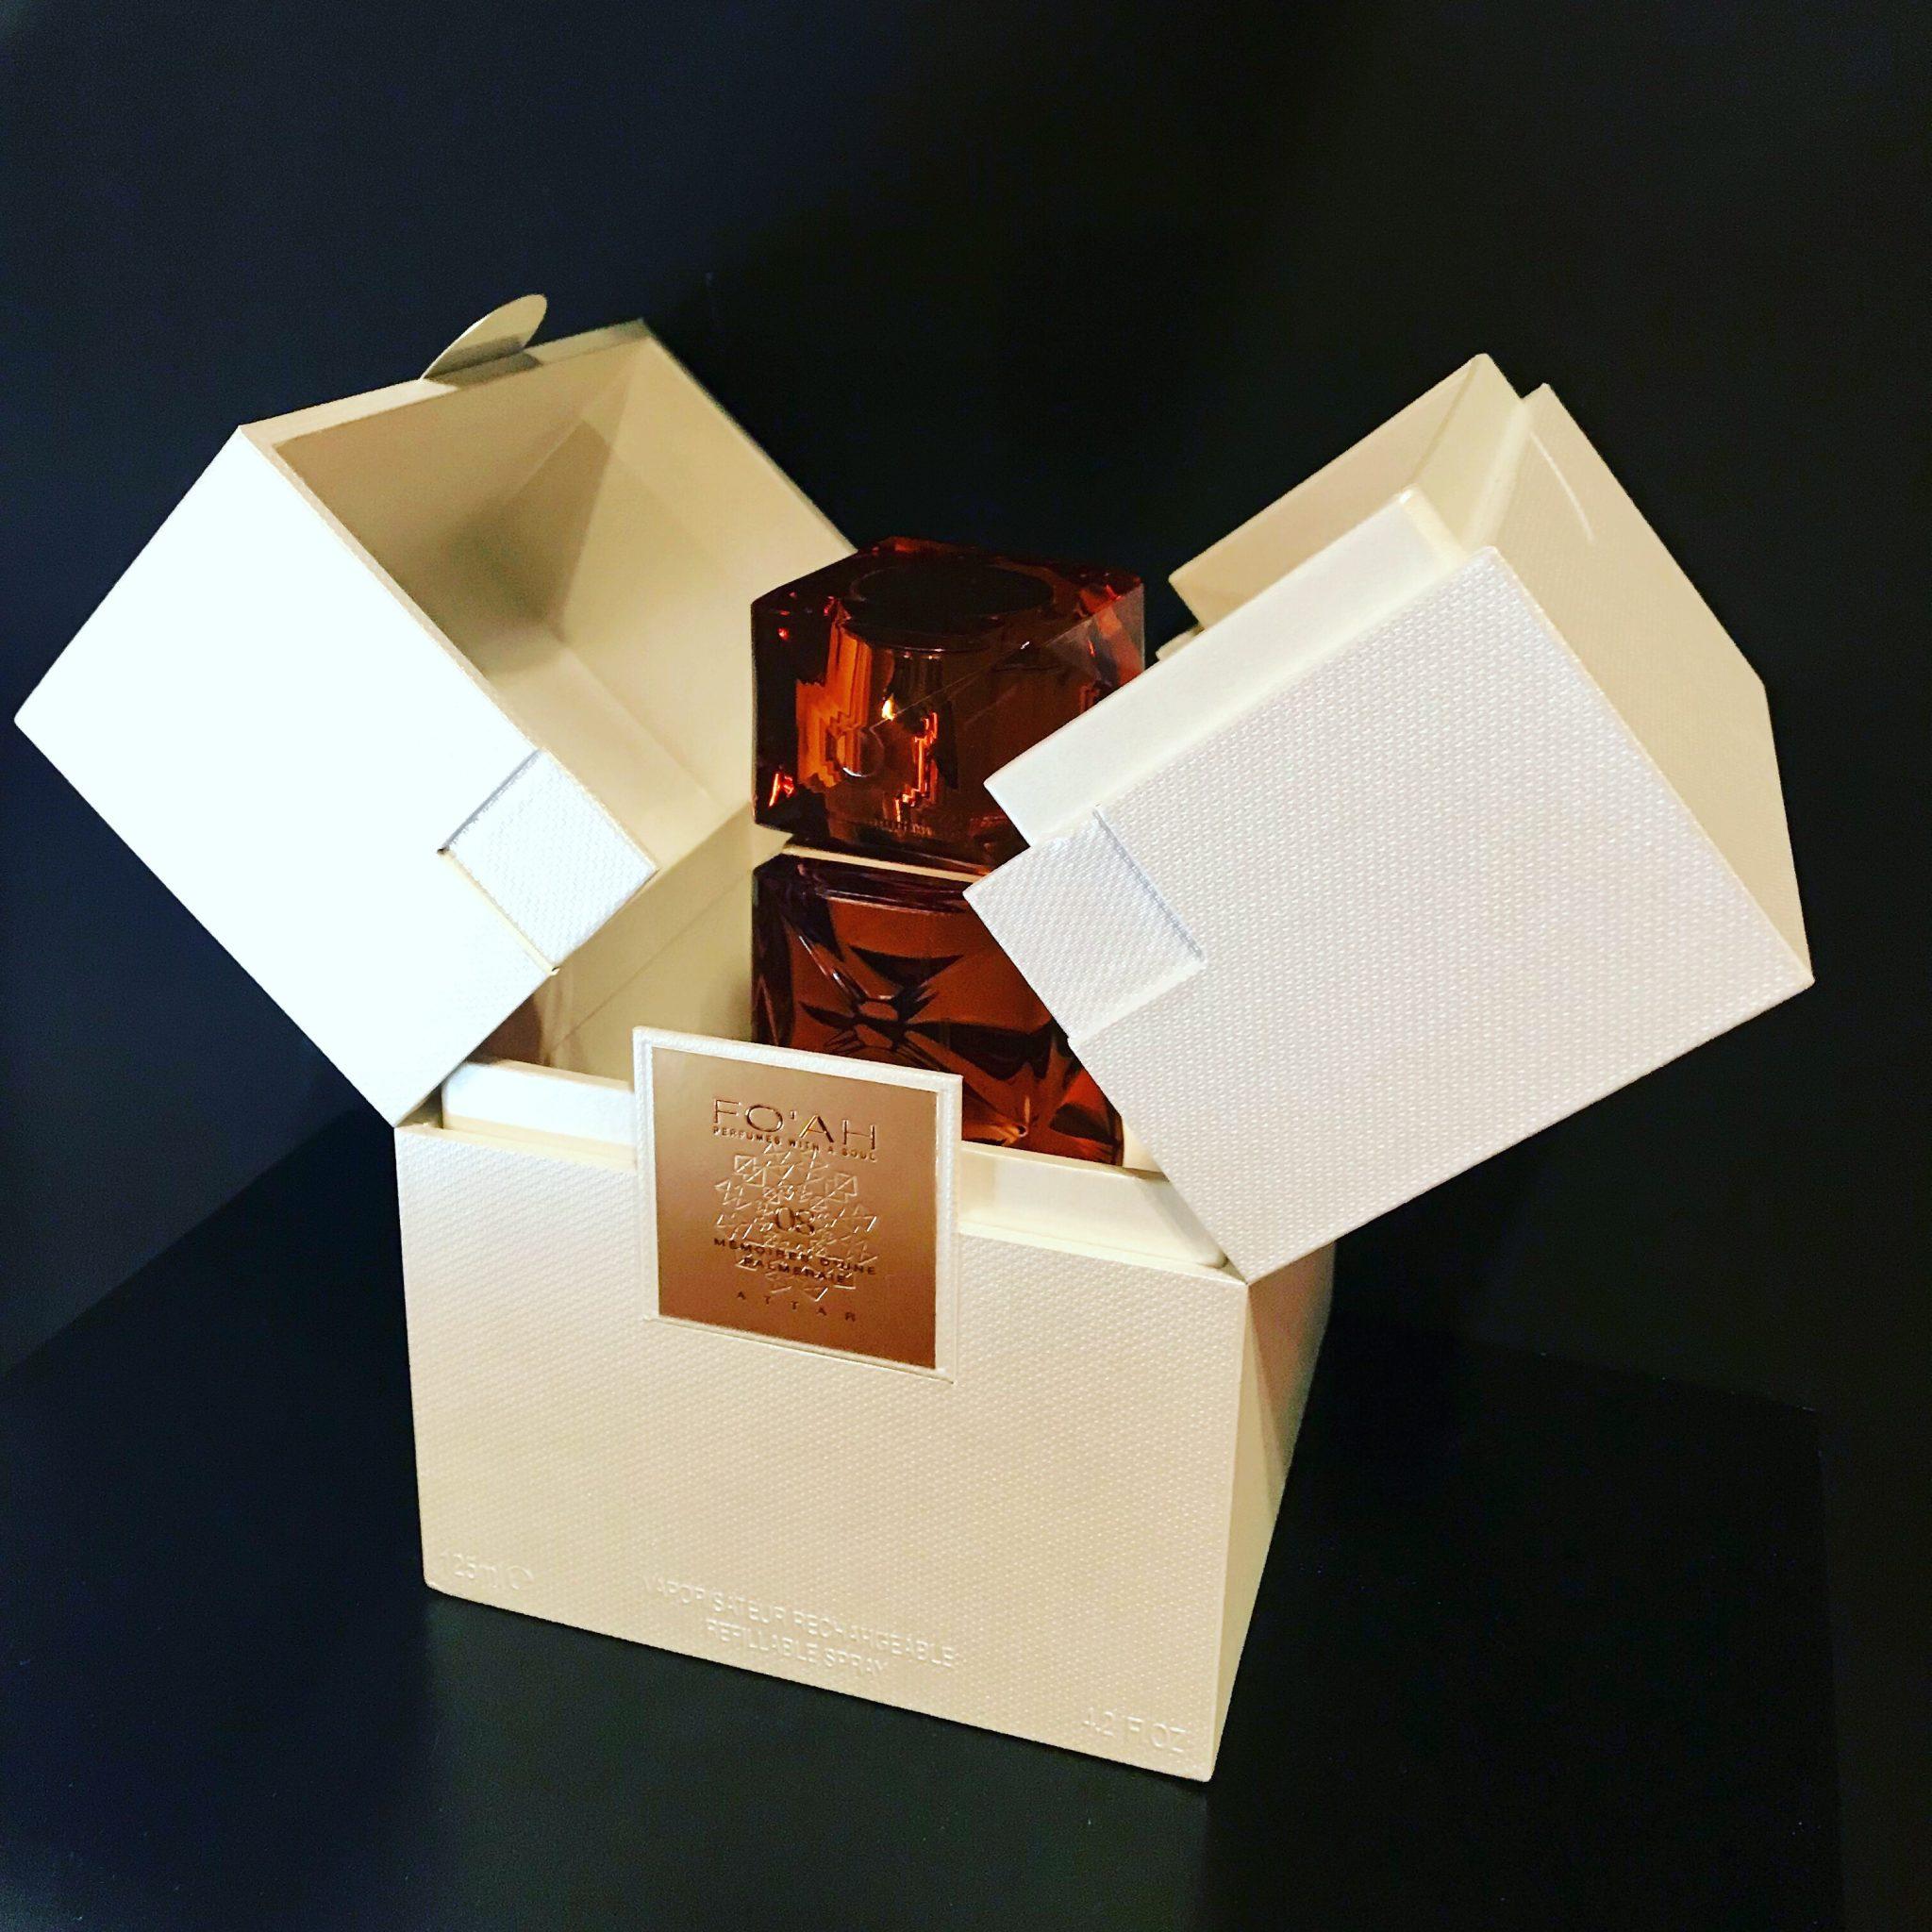 Fo'ah perfume packaging